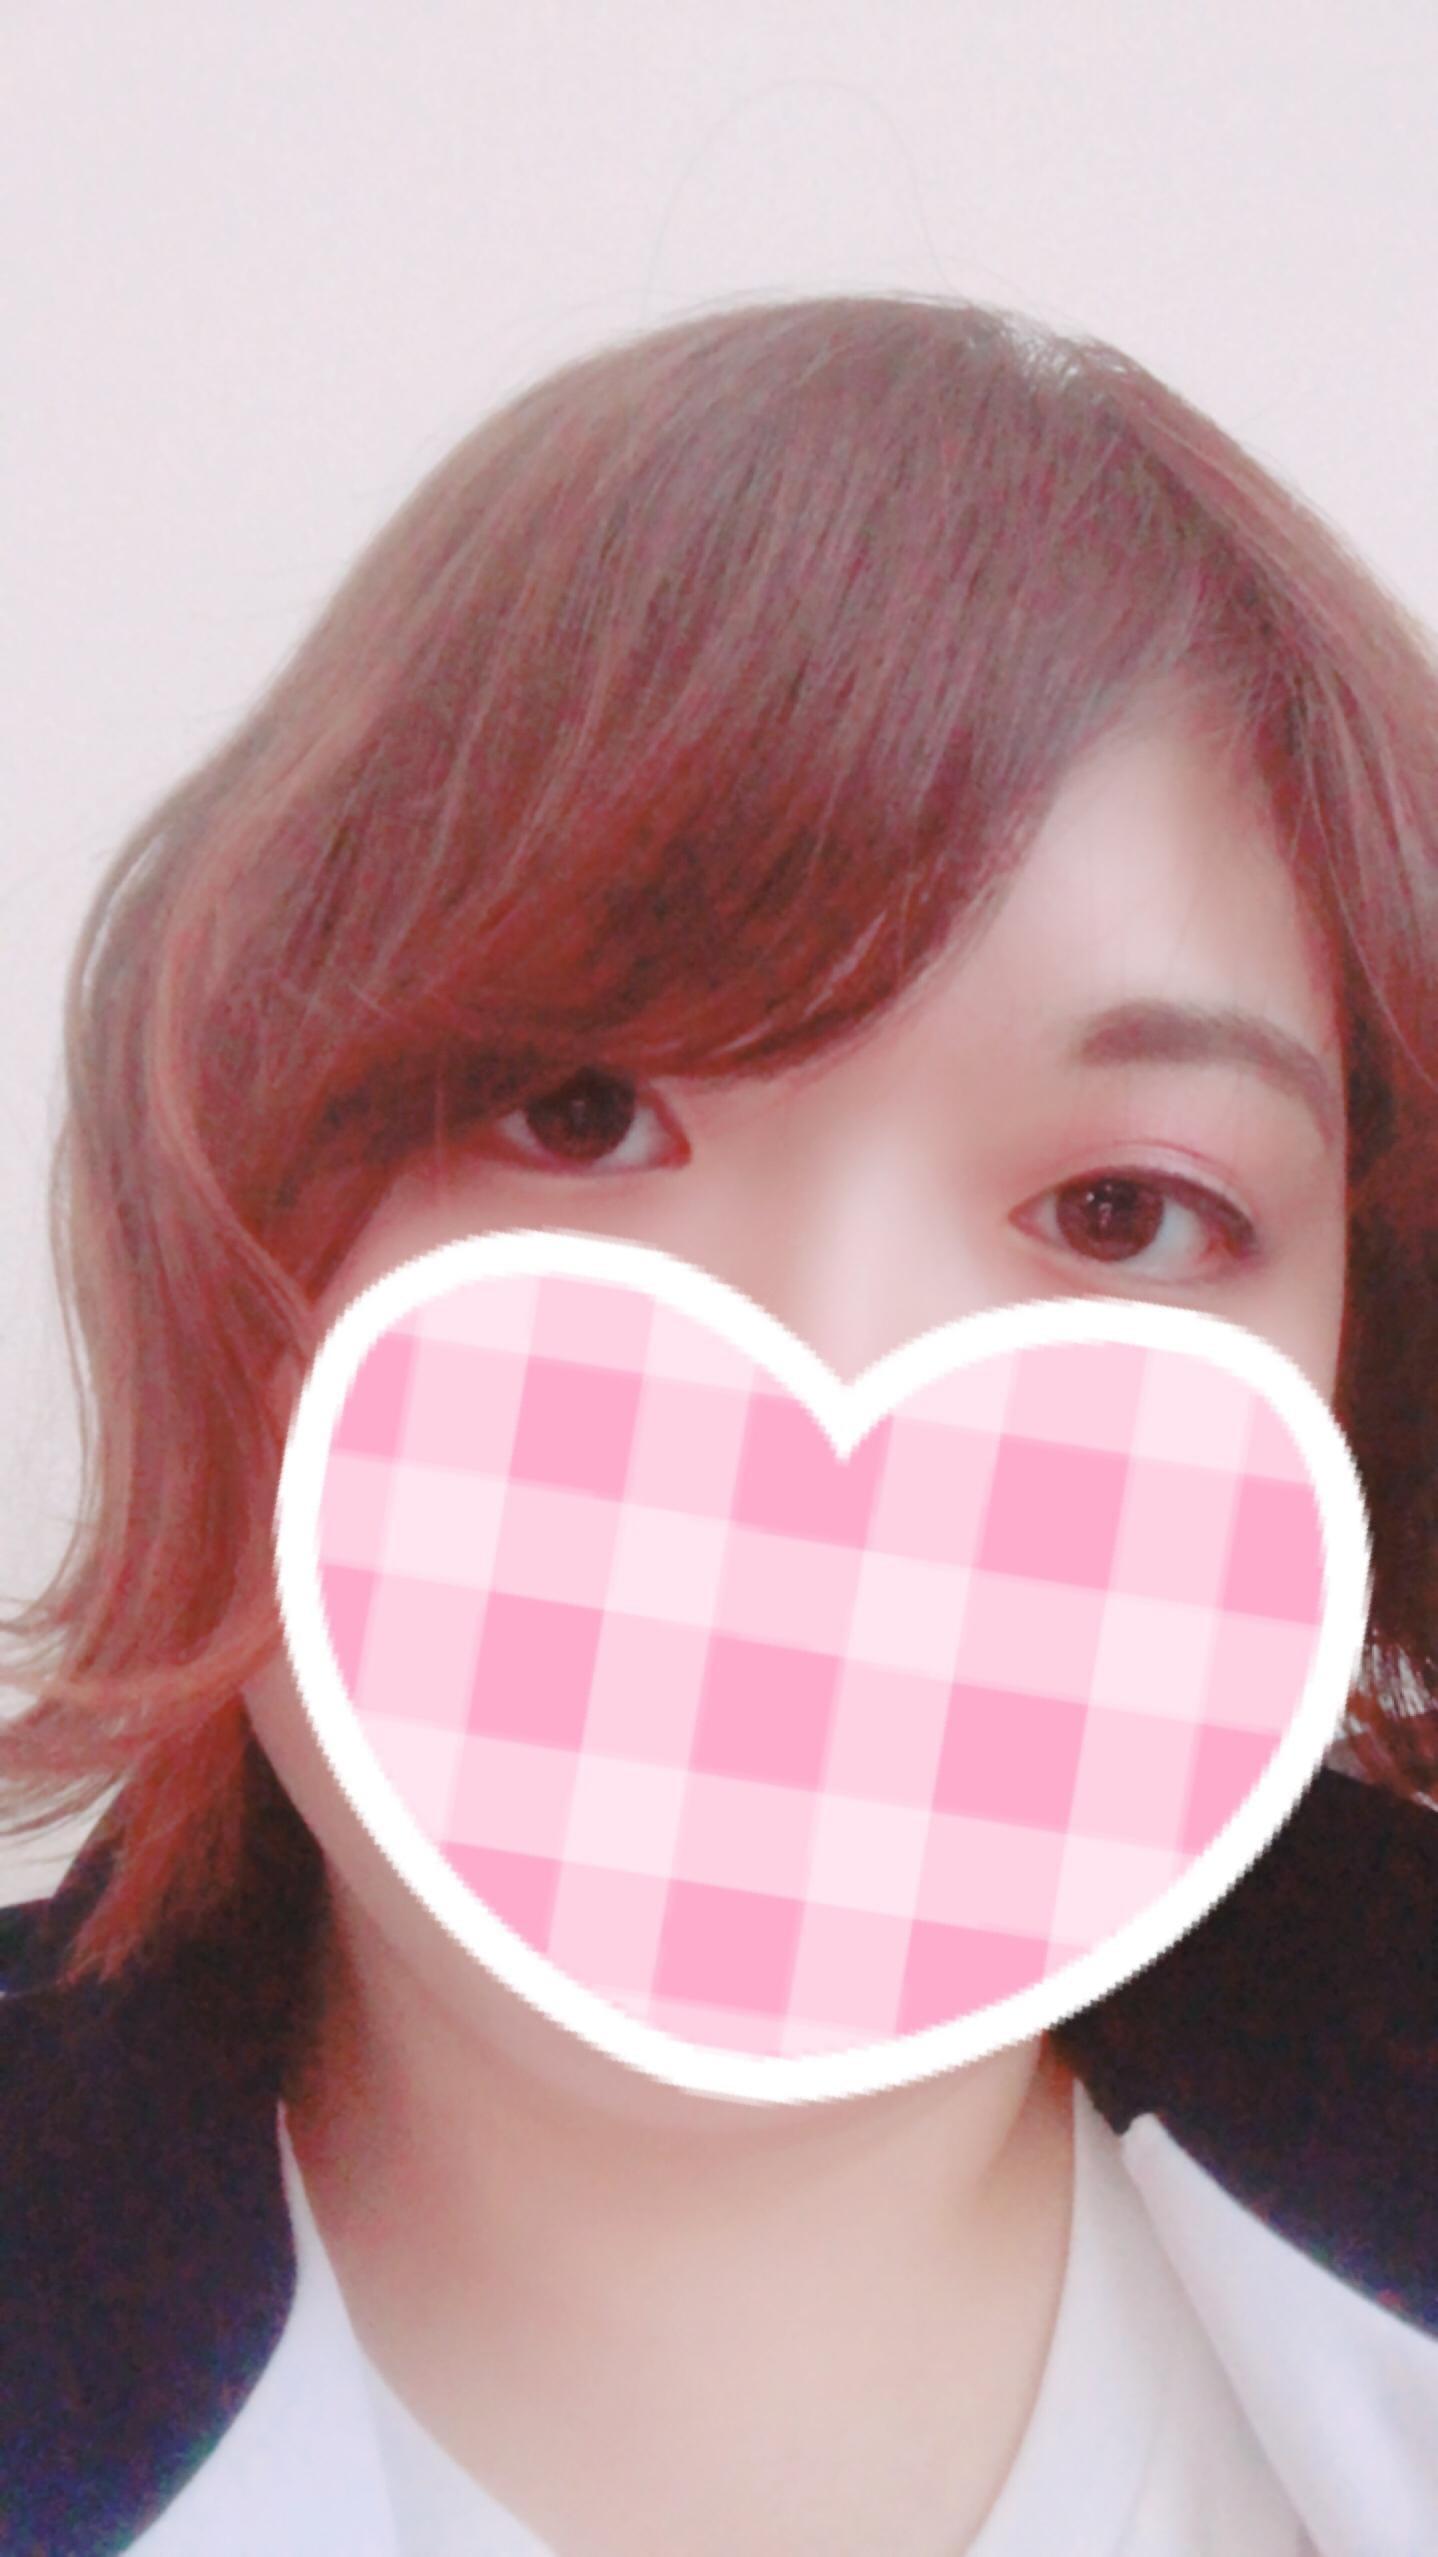 「しばらくお休み」11/04(11/04) 19:37 | じゅんの写メ・風俗動画